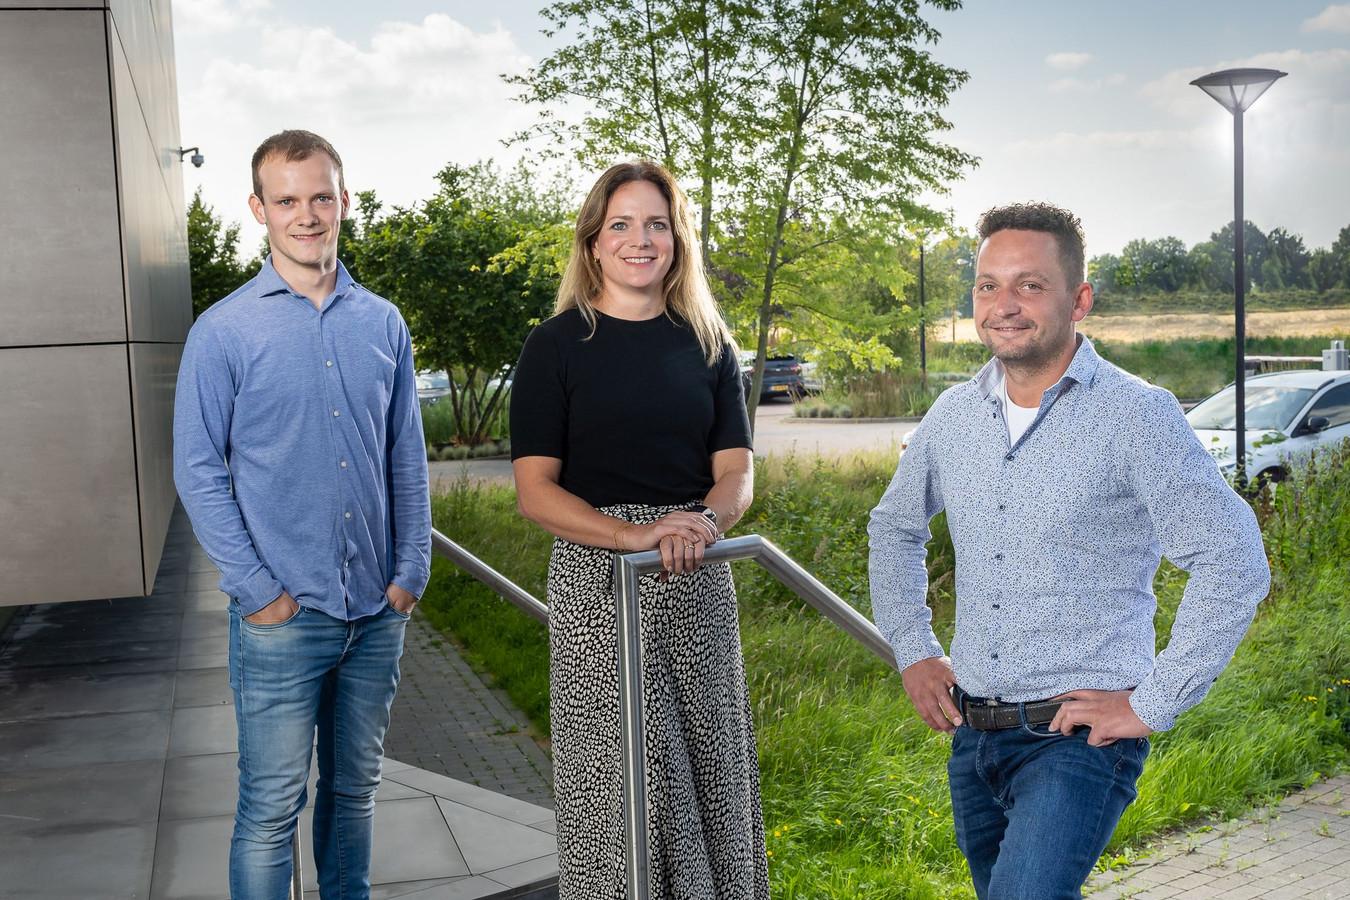 De drie genomineerde ondernemers: Wout Seuren (l), Marloes Kepser en Arno van Lankveld.